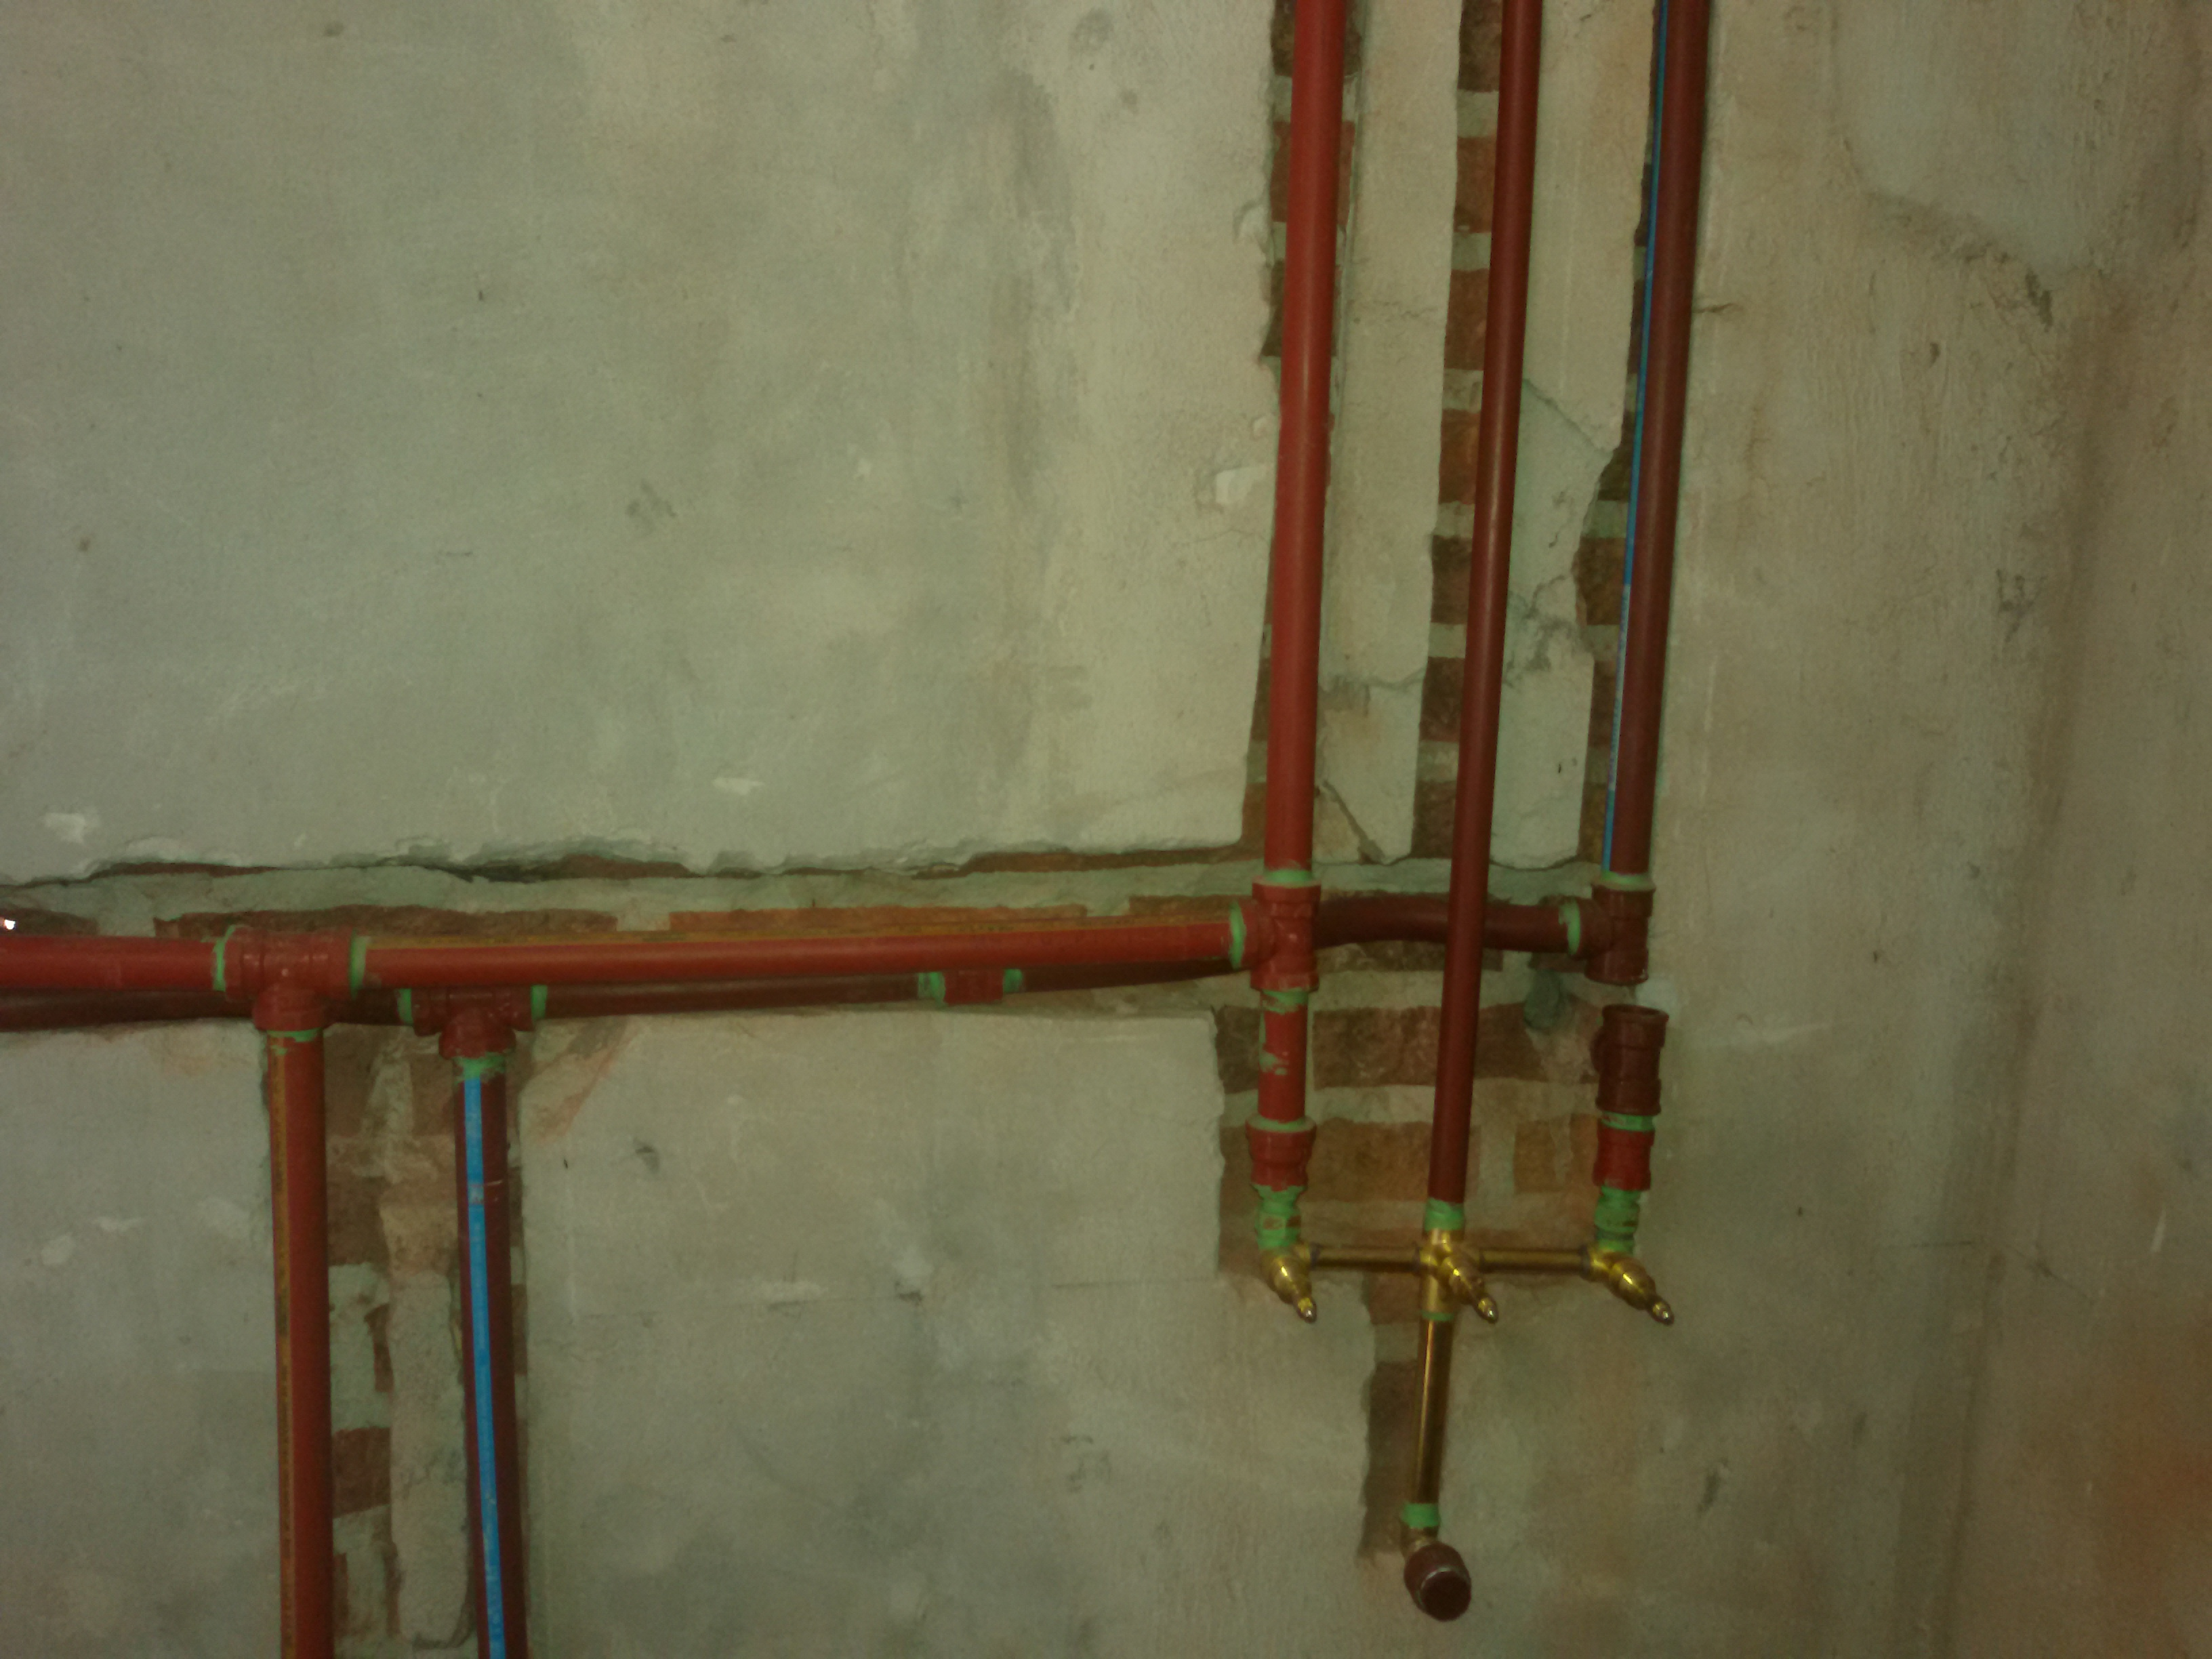 Instalacion De Griferia Para Baño:orientación del cuadro ducha 2 – Plomería y Sanitaria – YoReparo